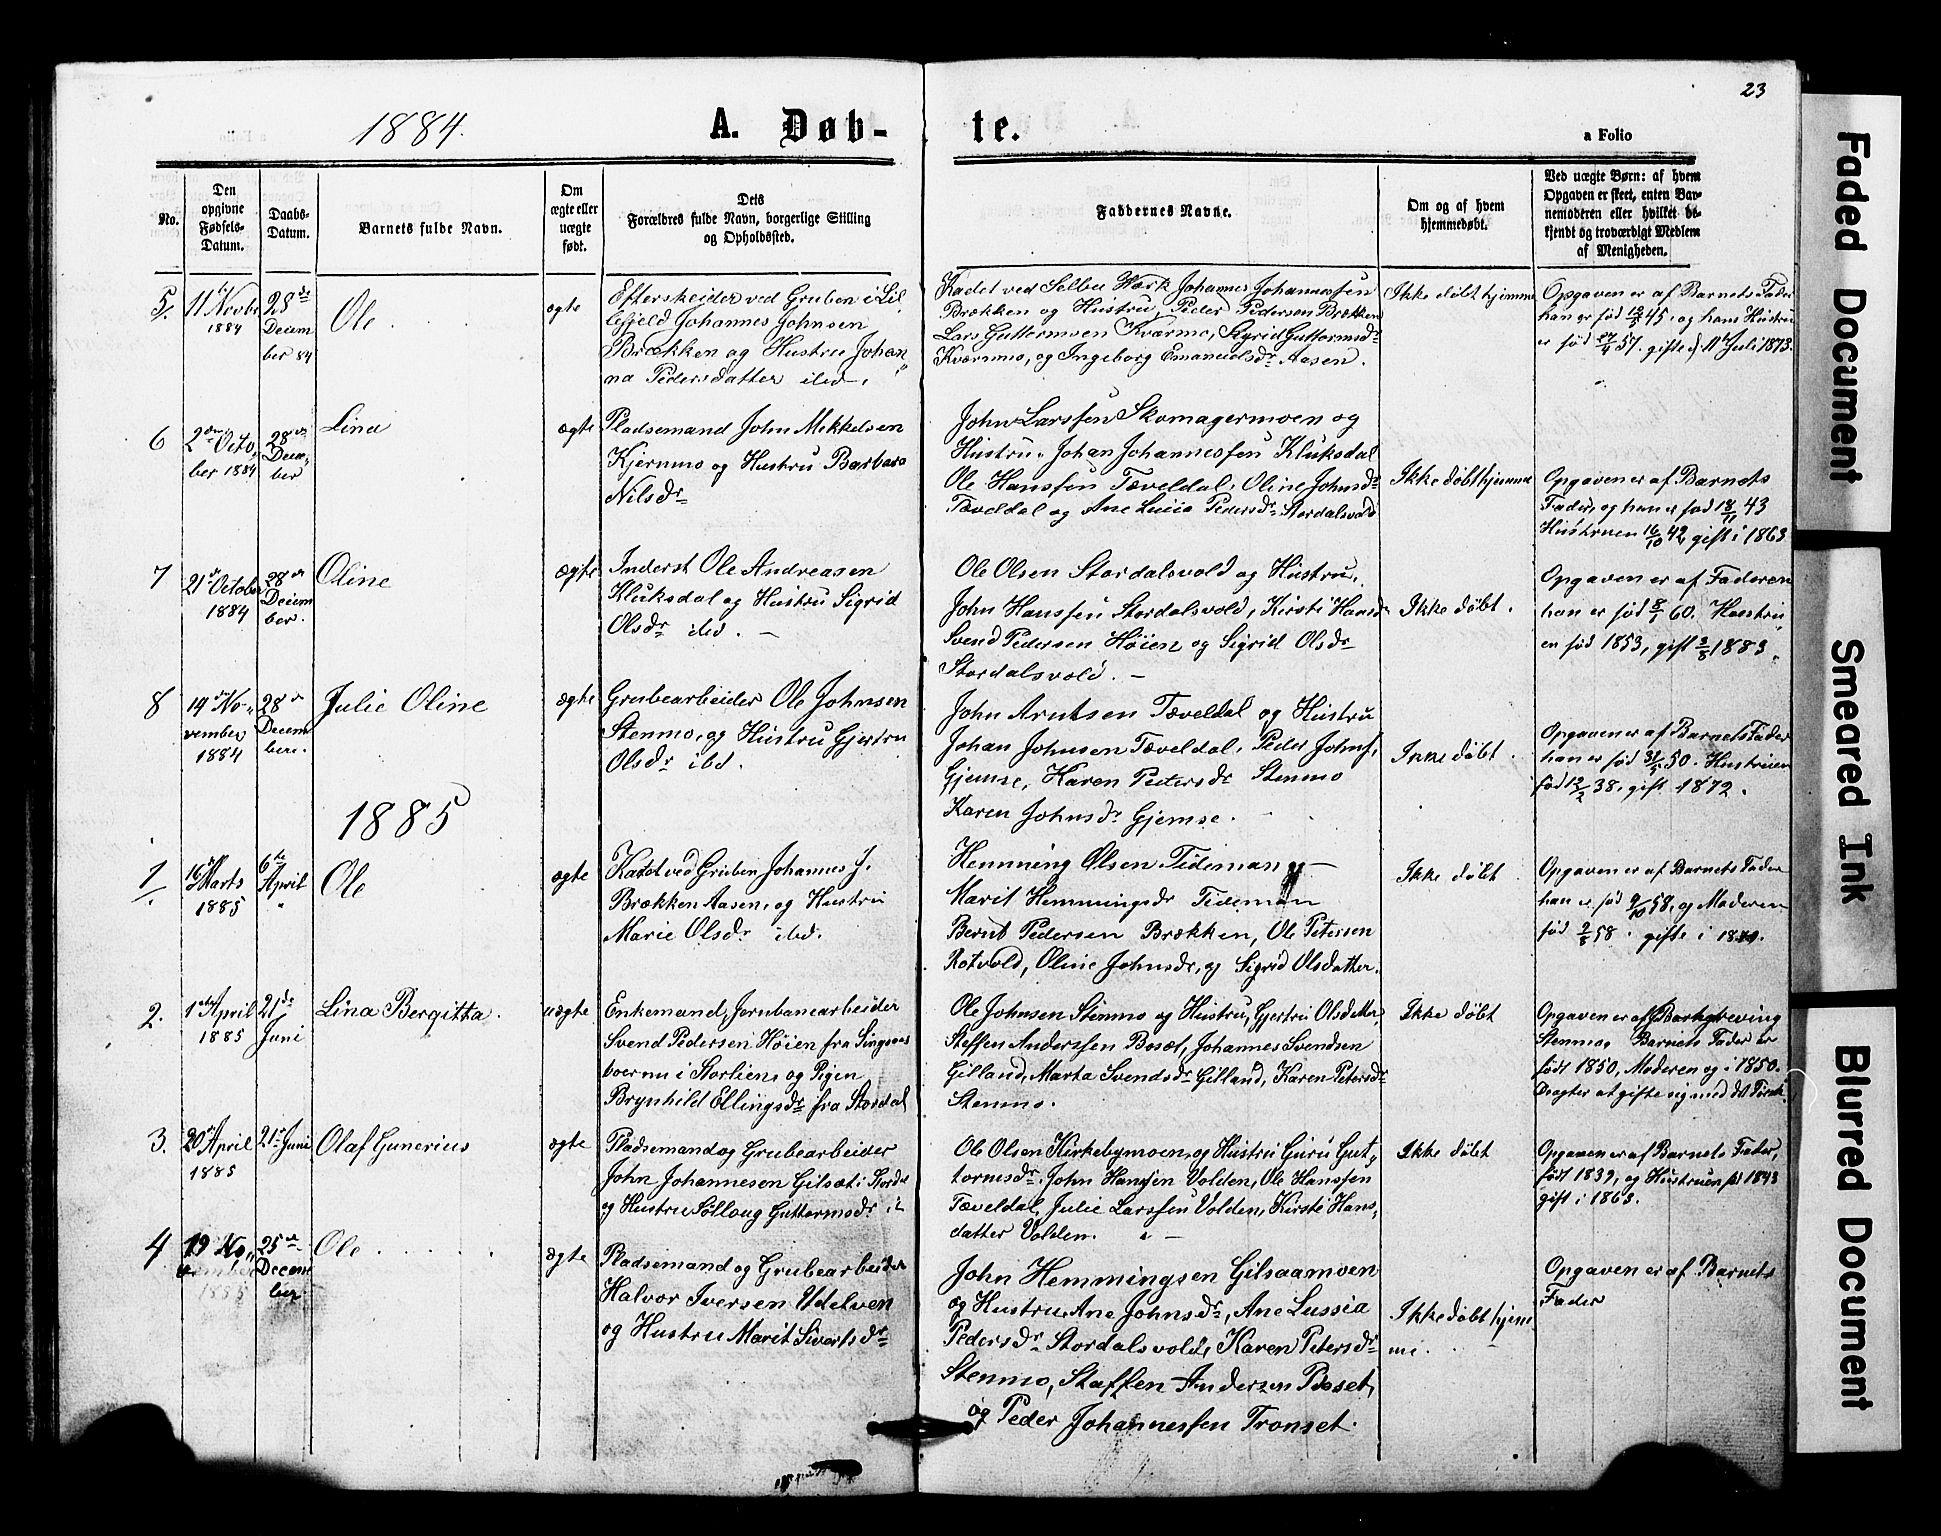 SAT, Ministerialprotokoller, klokkerbøker og fødselsregistre - Nord-Trøndelag, 707/L0052: Klokkerbok nr. 707C01, 1864-1897, s. 23